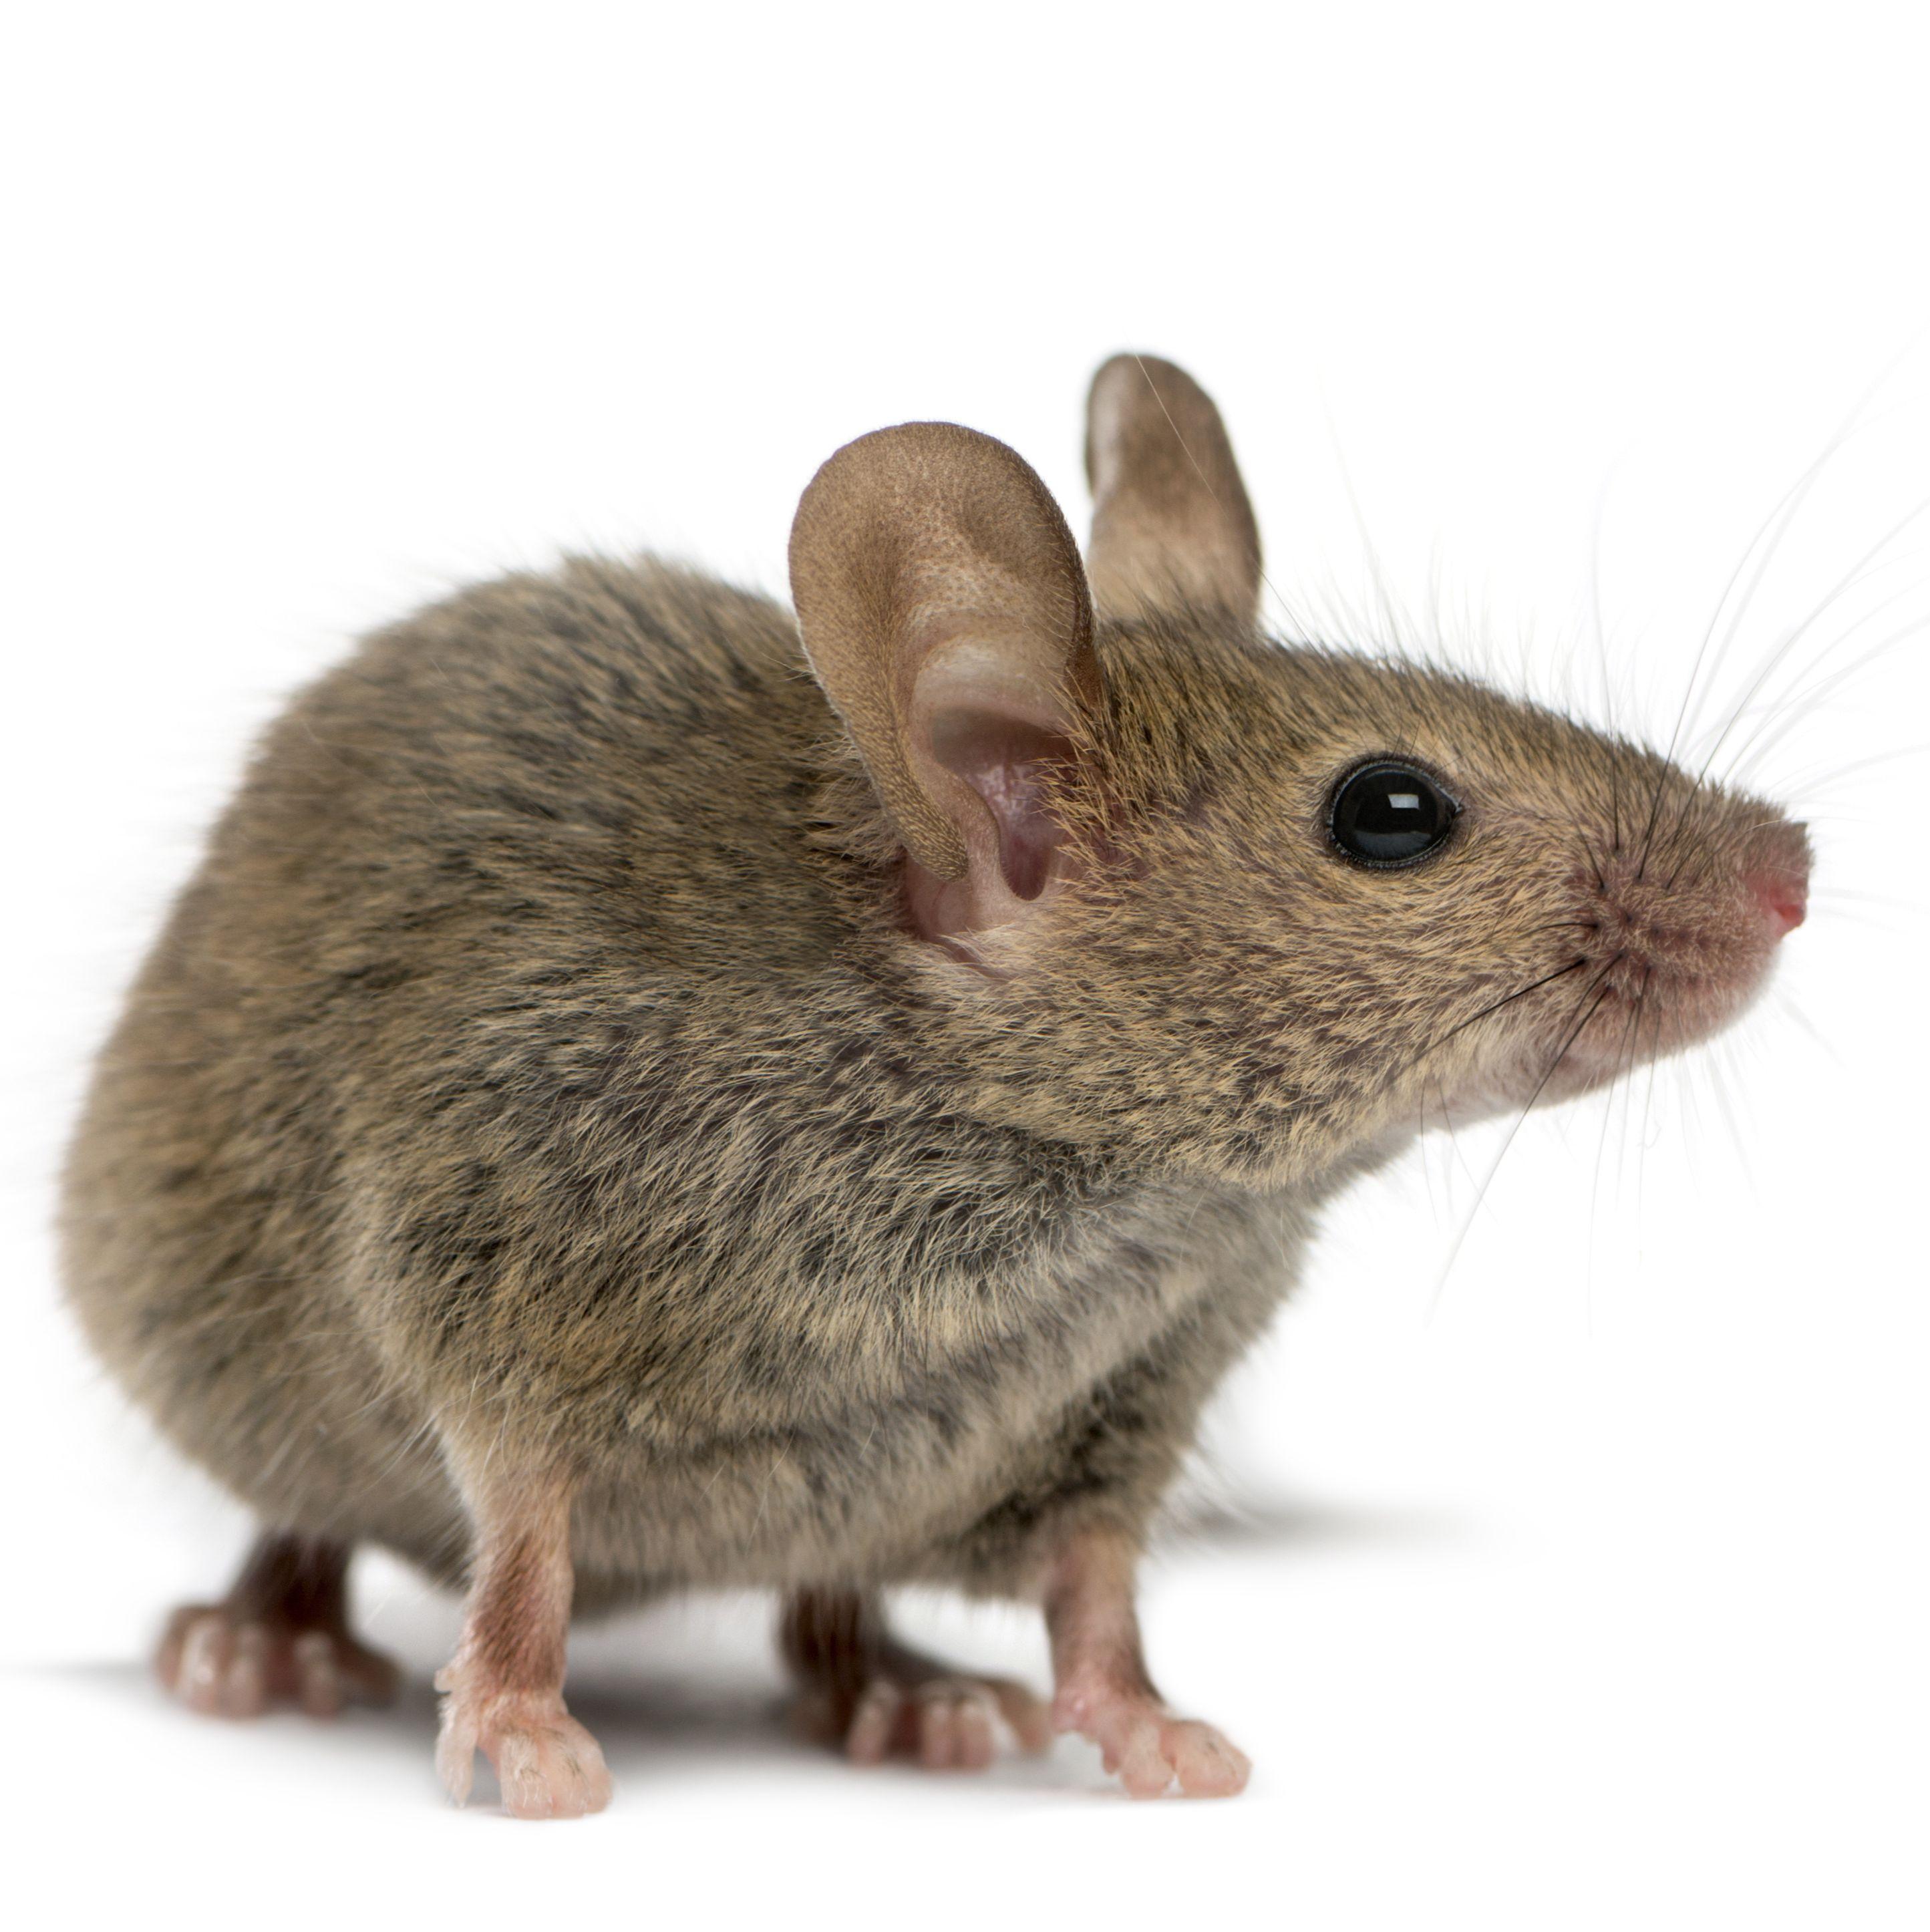 外显子缺失小鼠